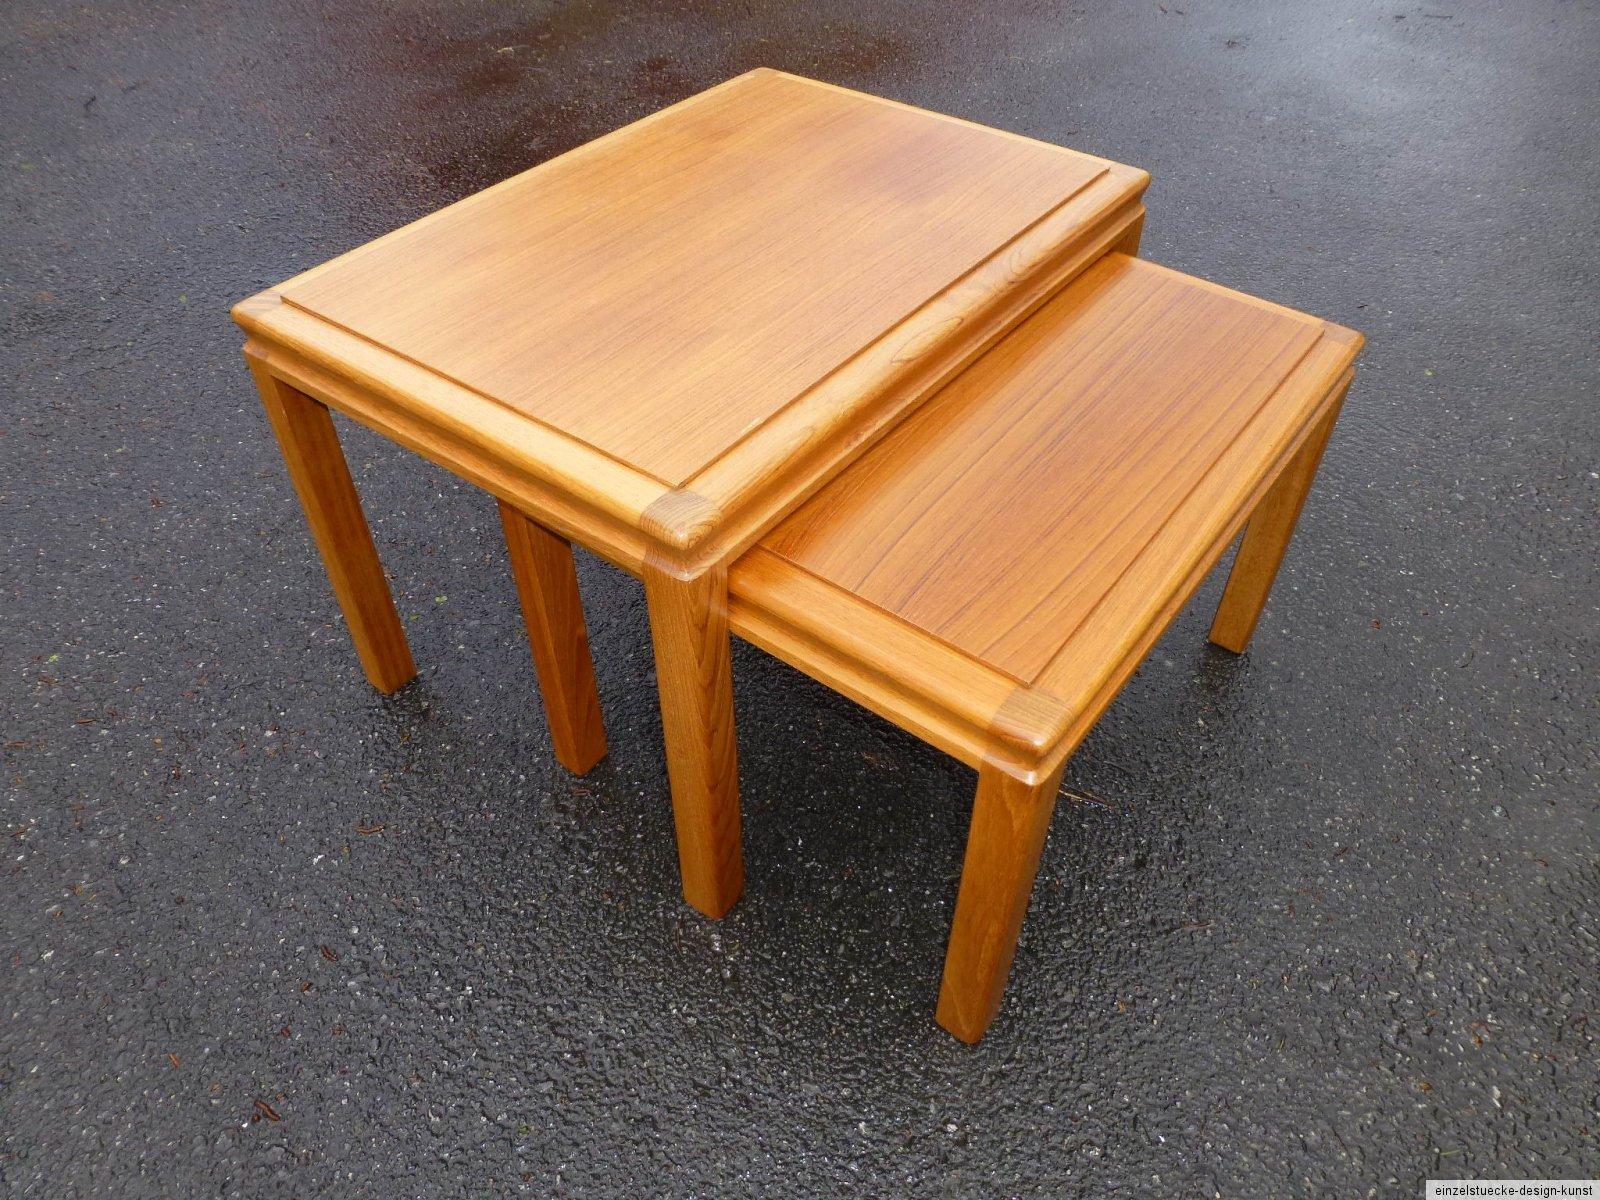 Teak tisch beistelltisch aus teakholz made in denmark for Tisch nordic design